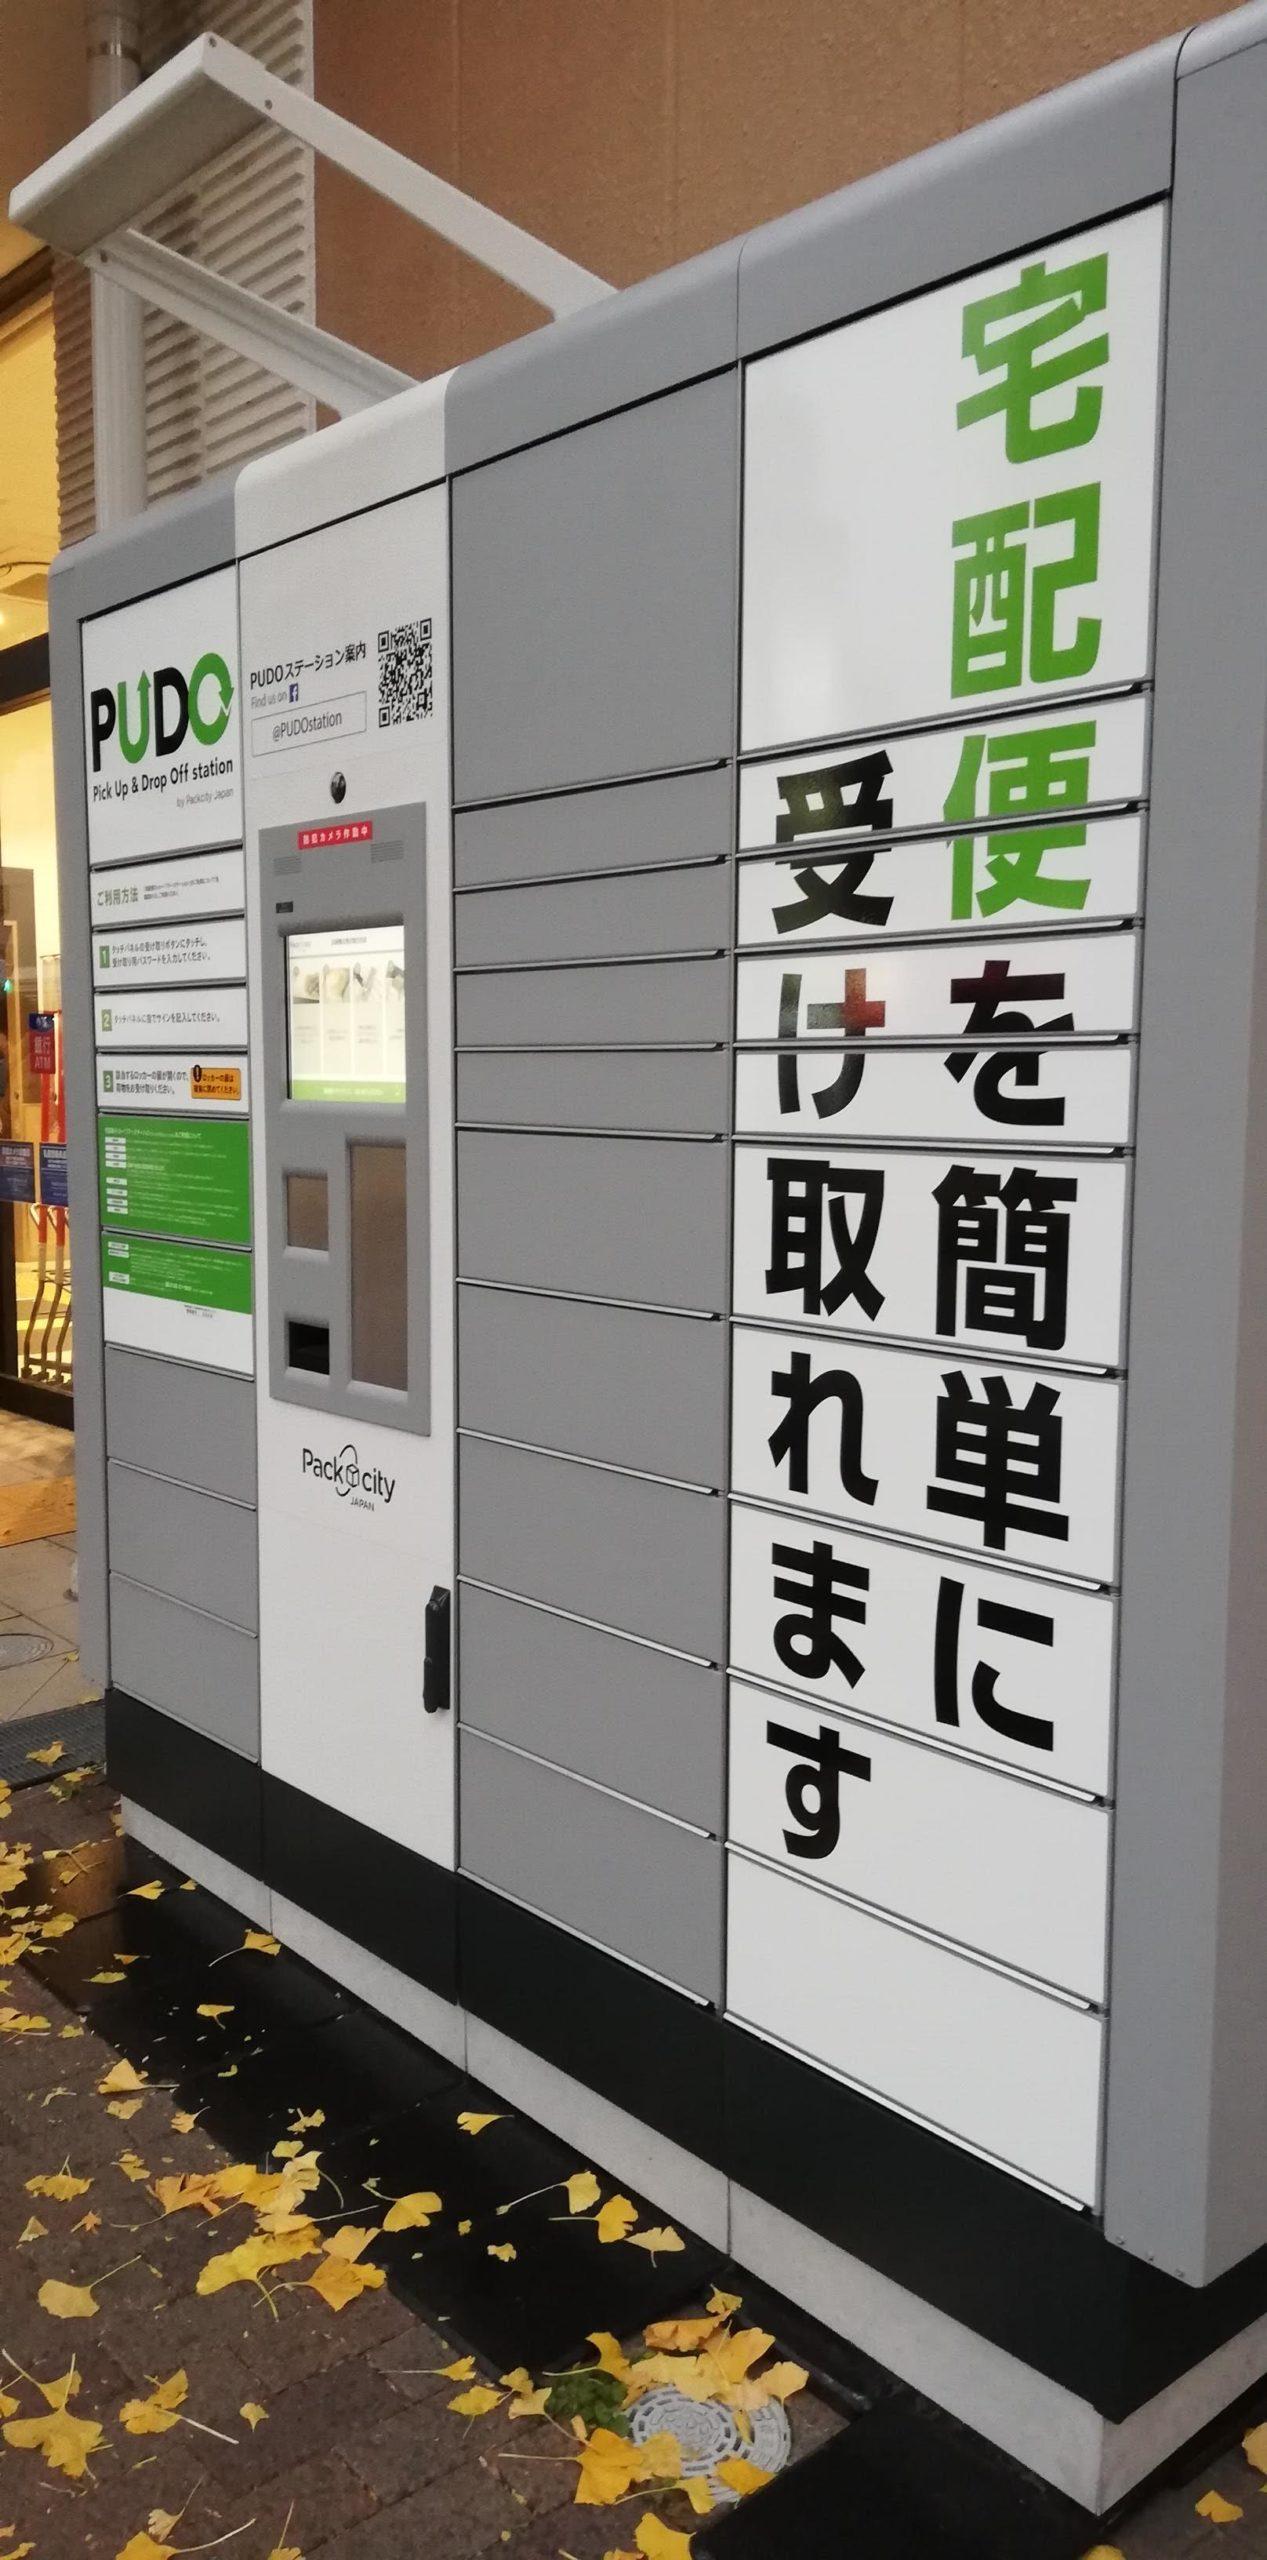 PUDO(プドー)ステーションで荷物を受け取る方法を簡単にわかりやすく解説!